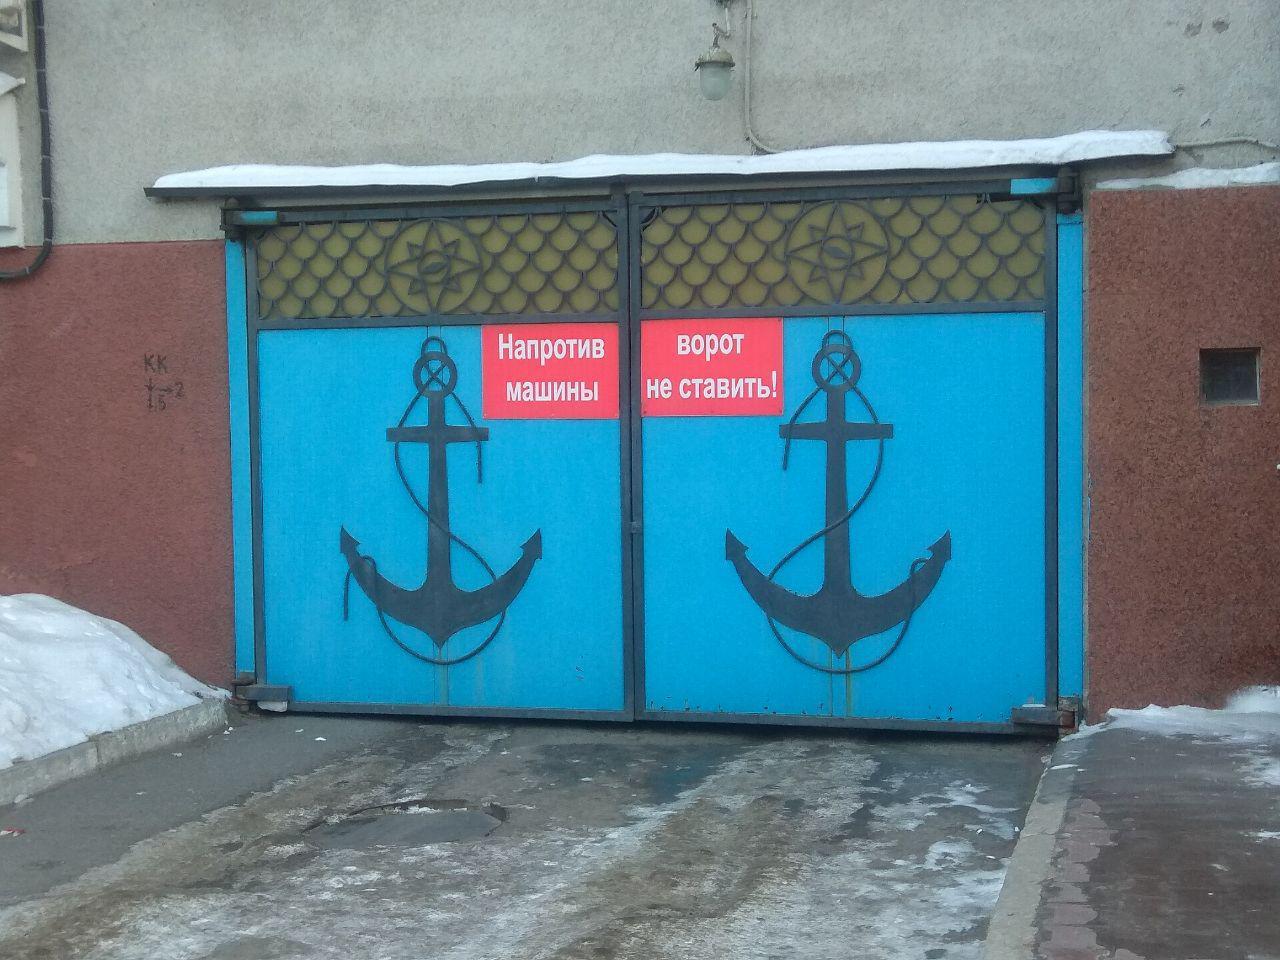 Надписью пацаны, машины у ворот не ставить смешные картинки